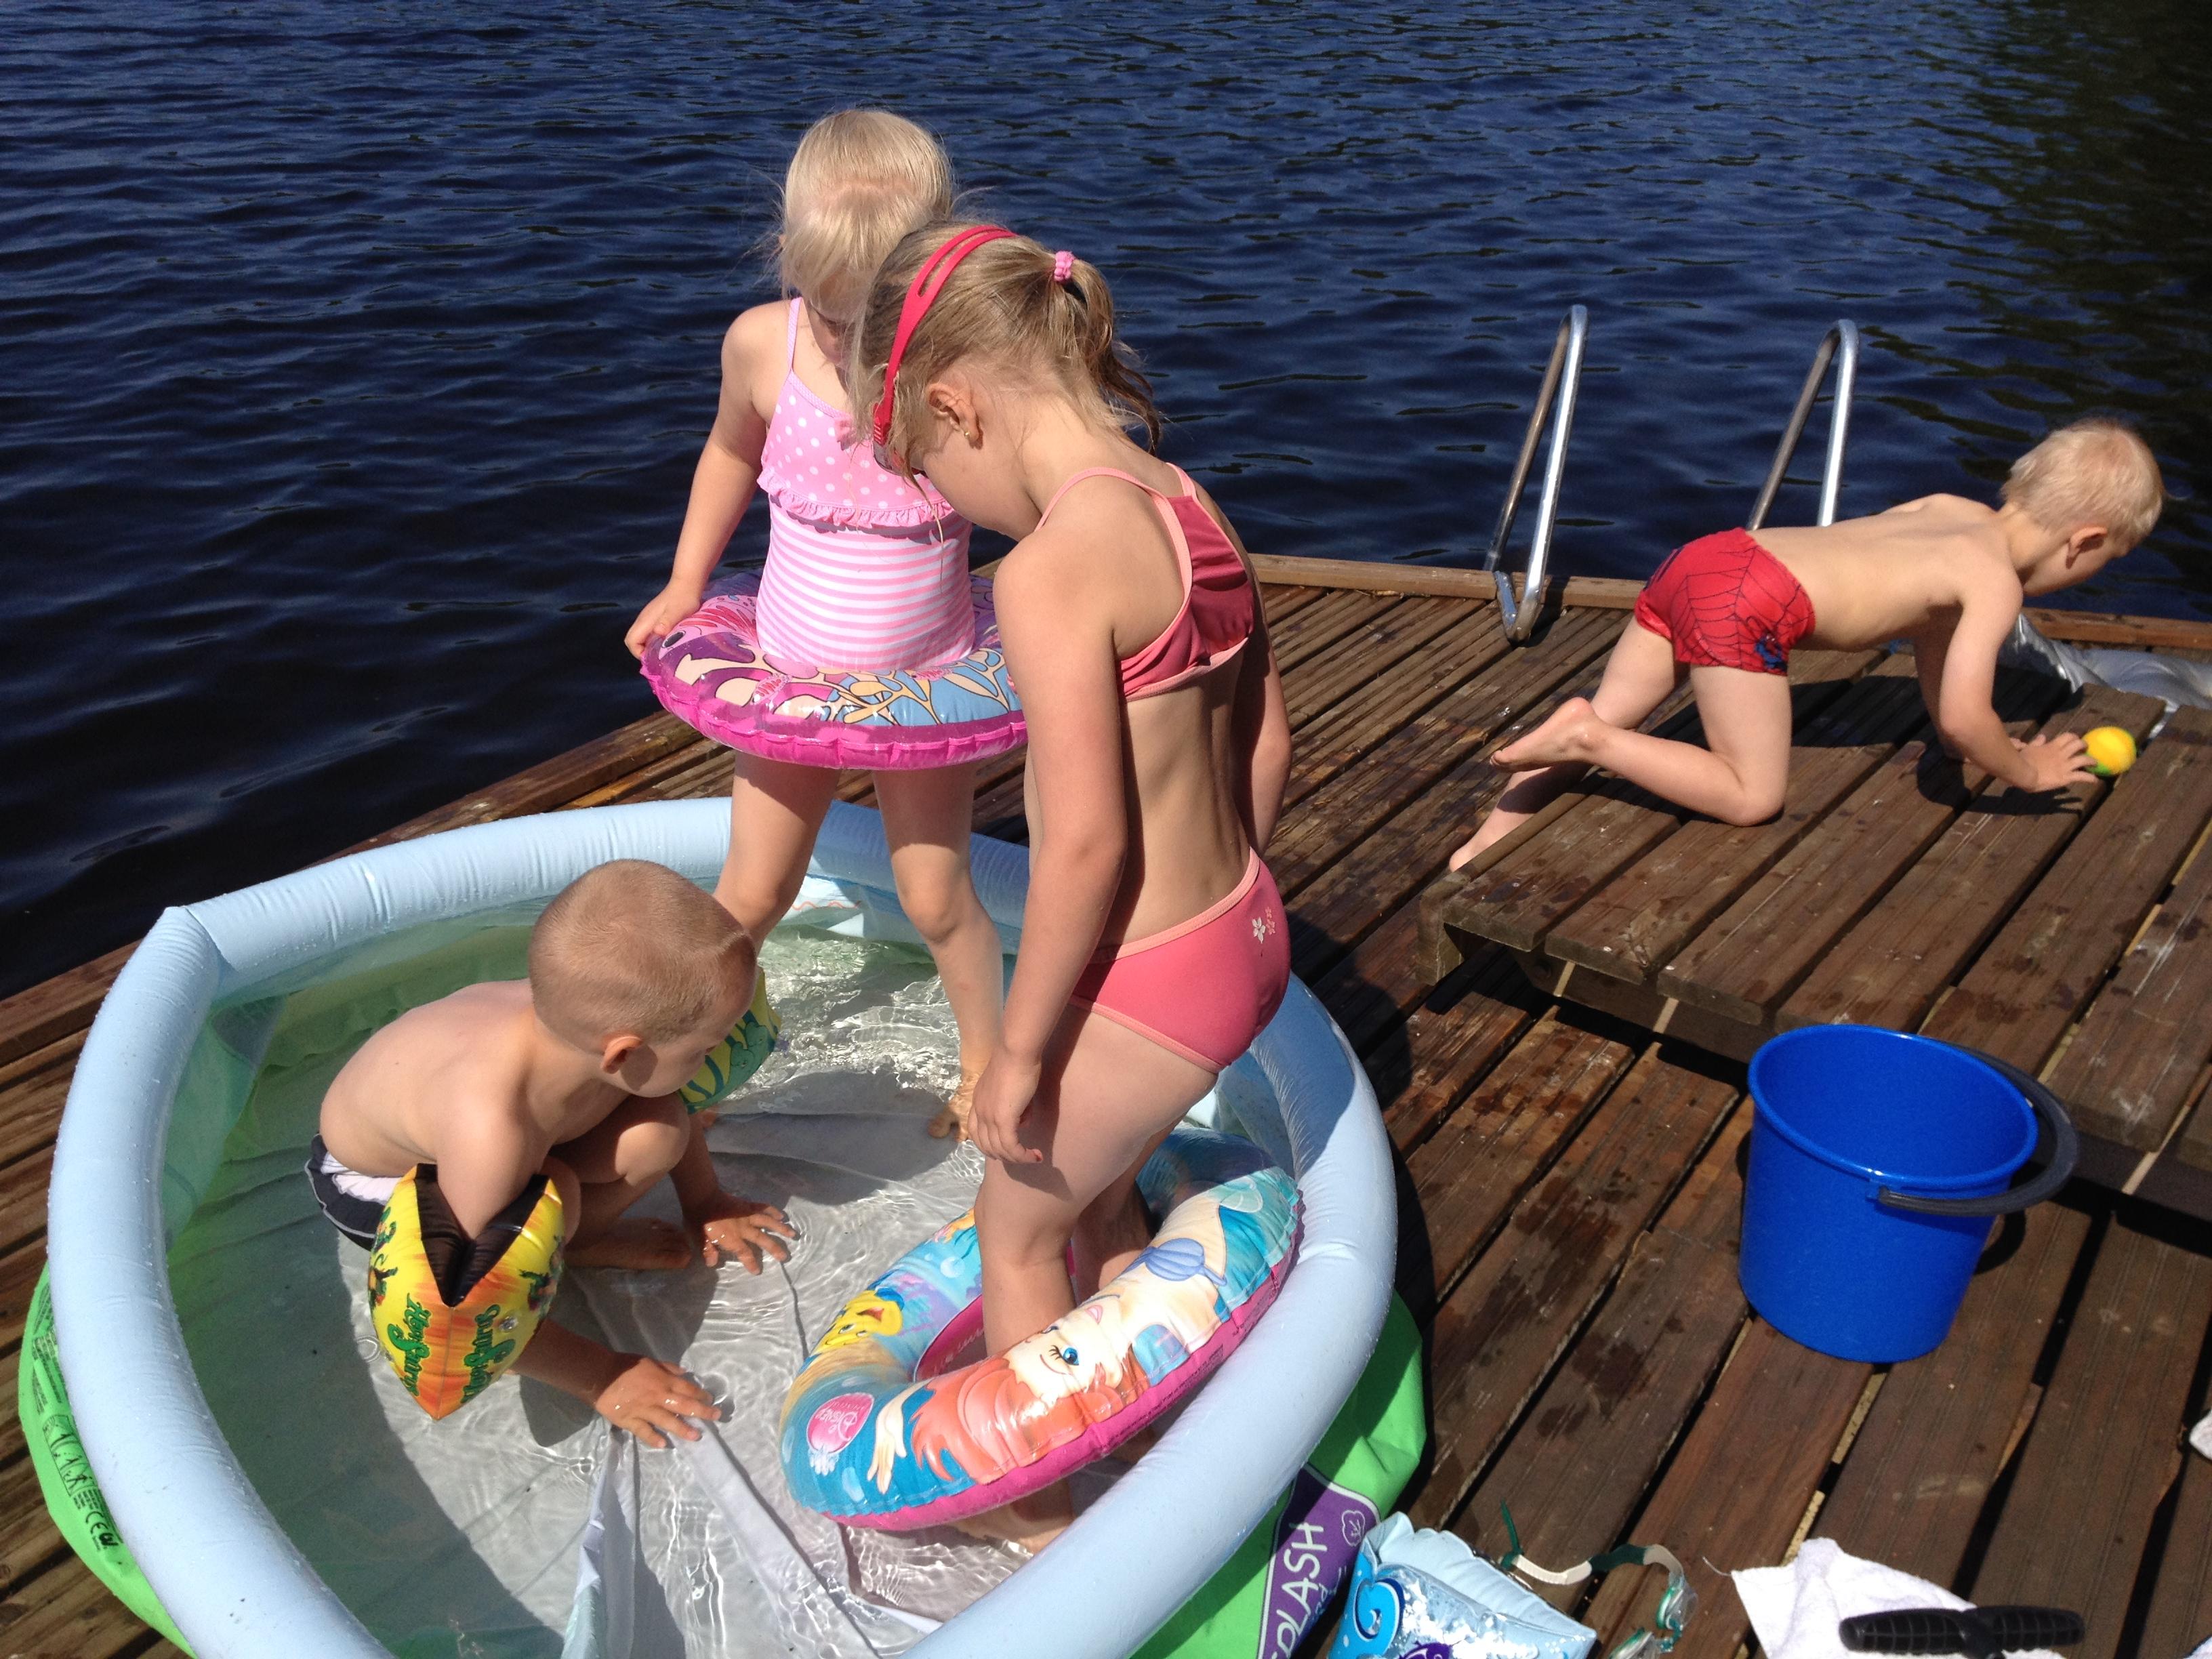 Kuuman kesän nautintoja/ Enjoying the warm summer